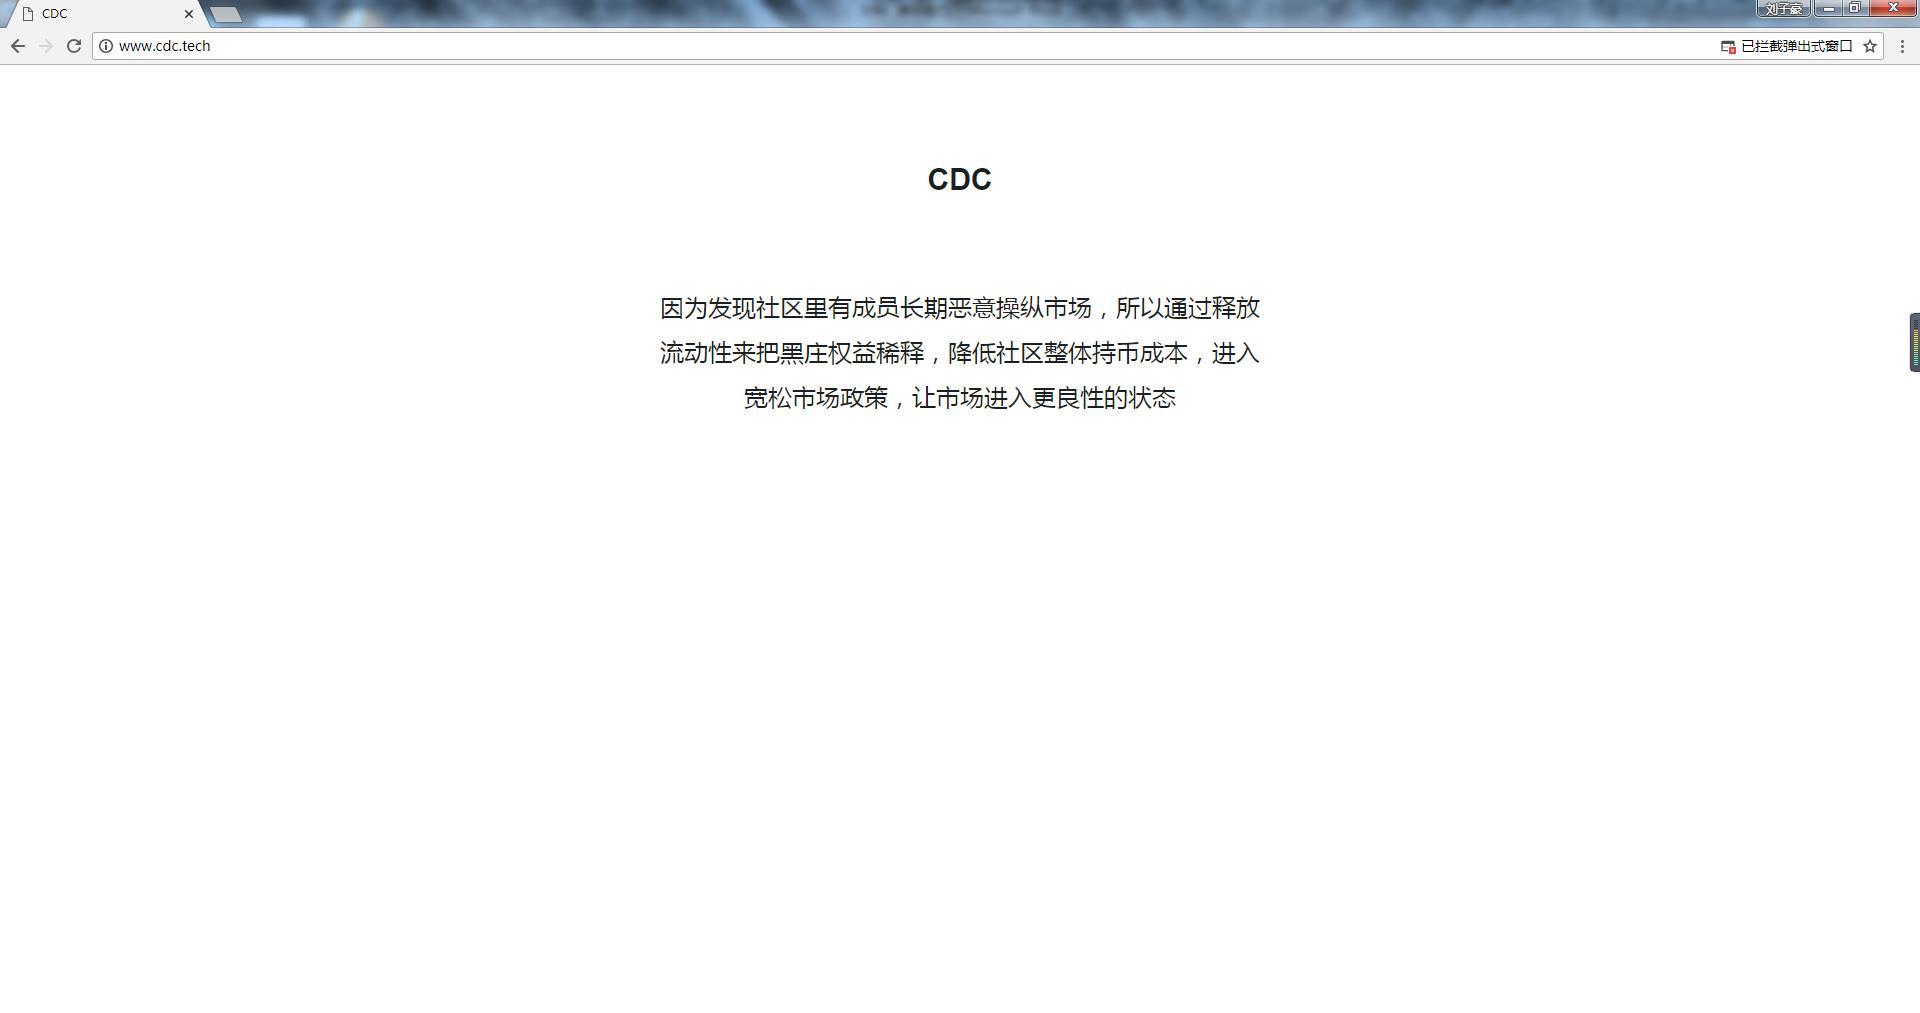 消费链CDC破发 创始人跑路买庄园